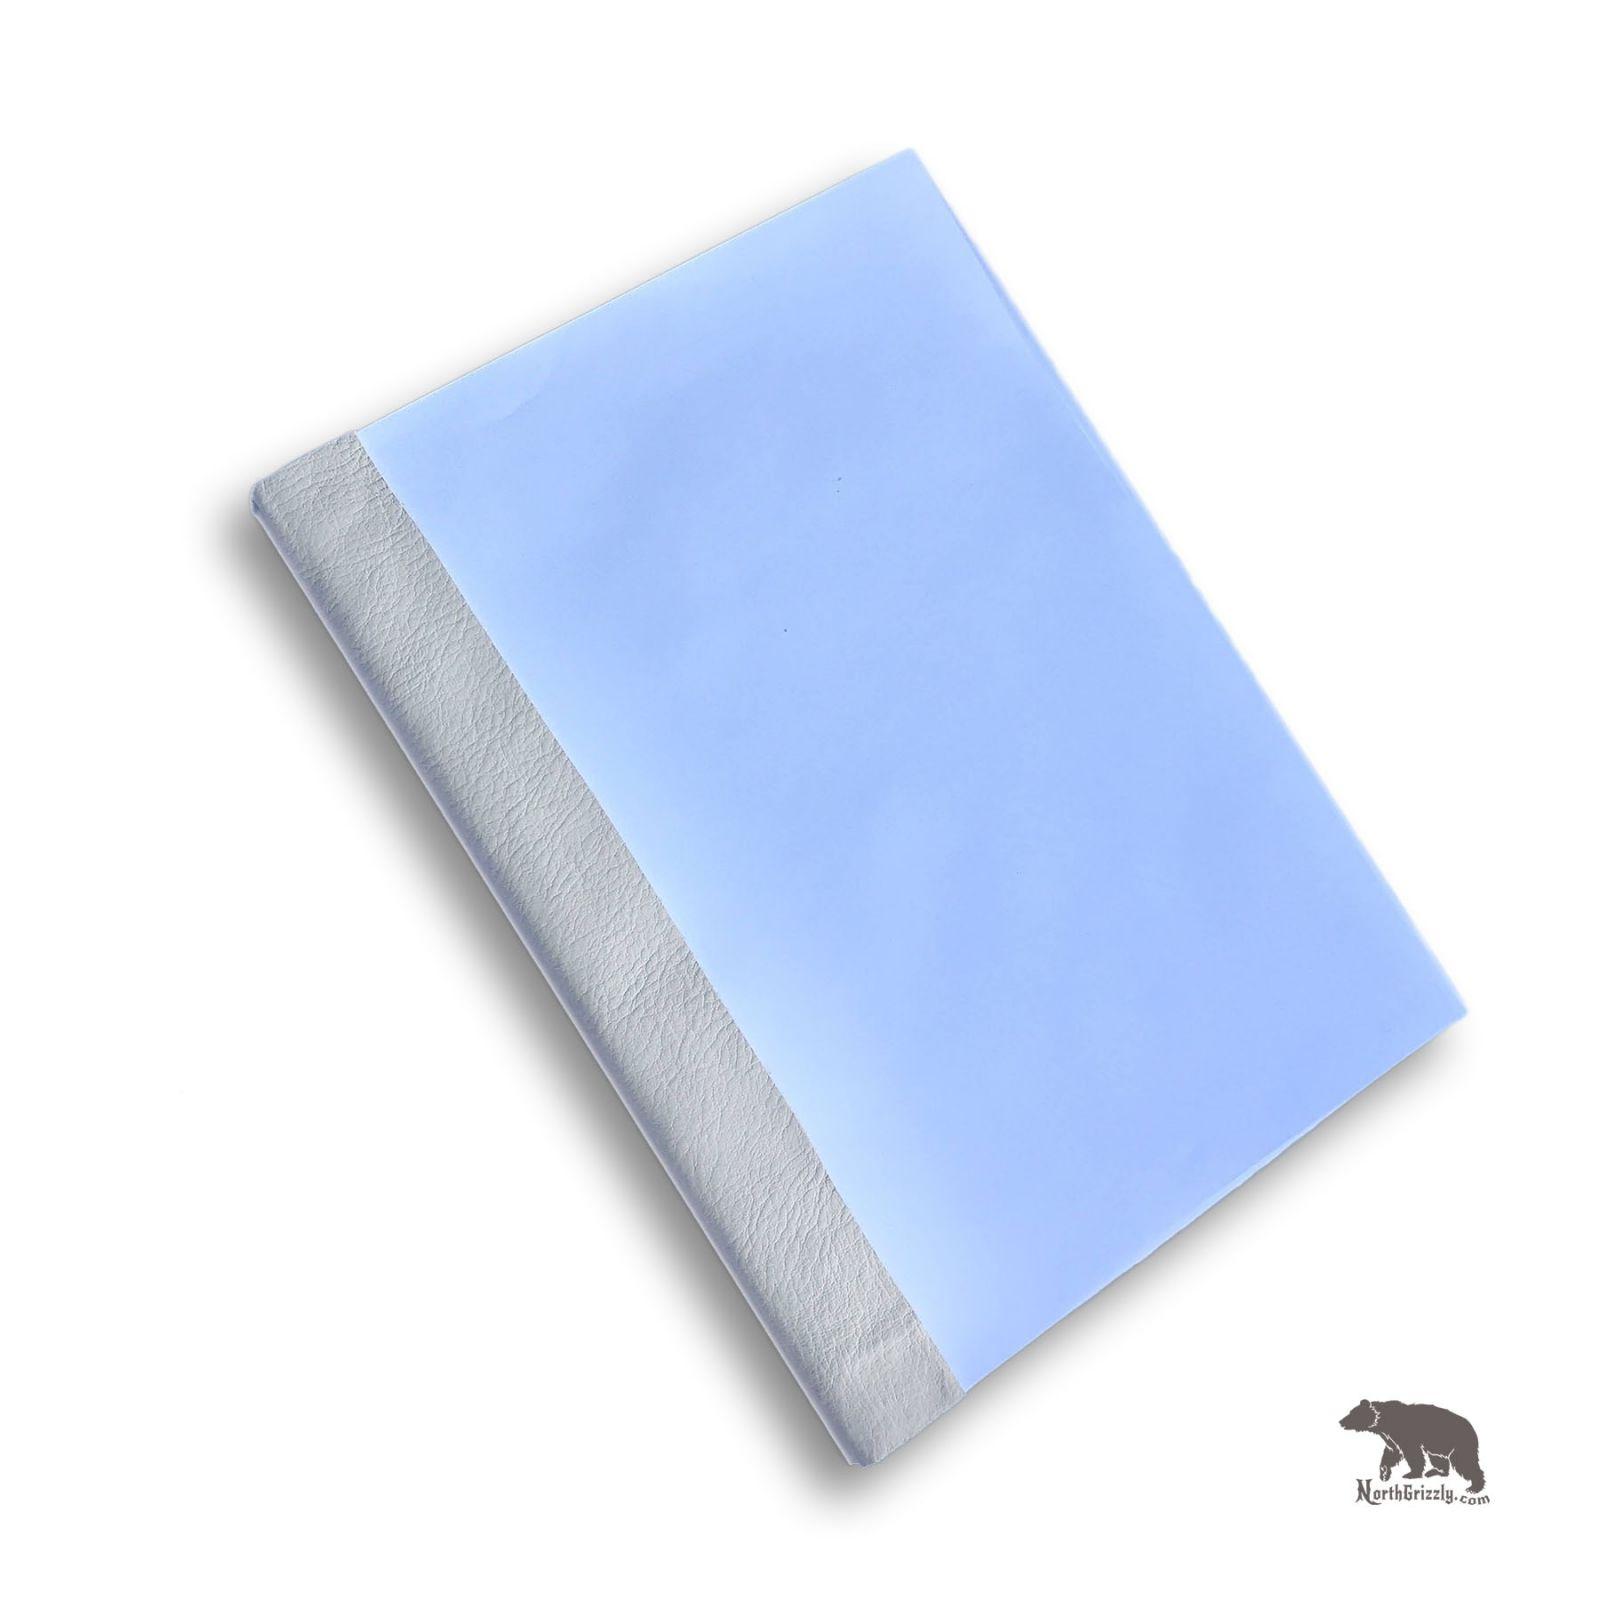 rankomis rista popieriaus knyga uzrasine dienorastis darbo knyga balti lapai ranku darbo dovanos vyrams 243  copy